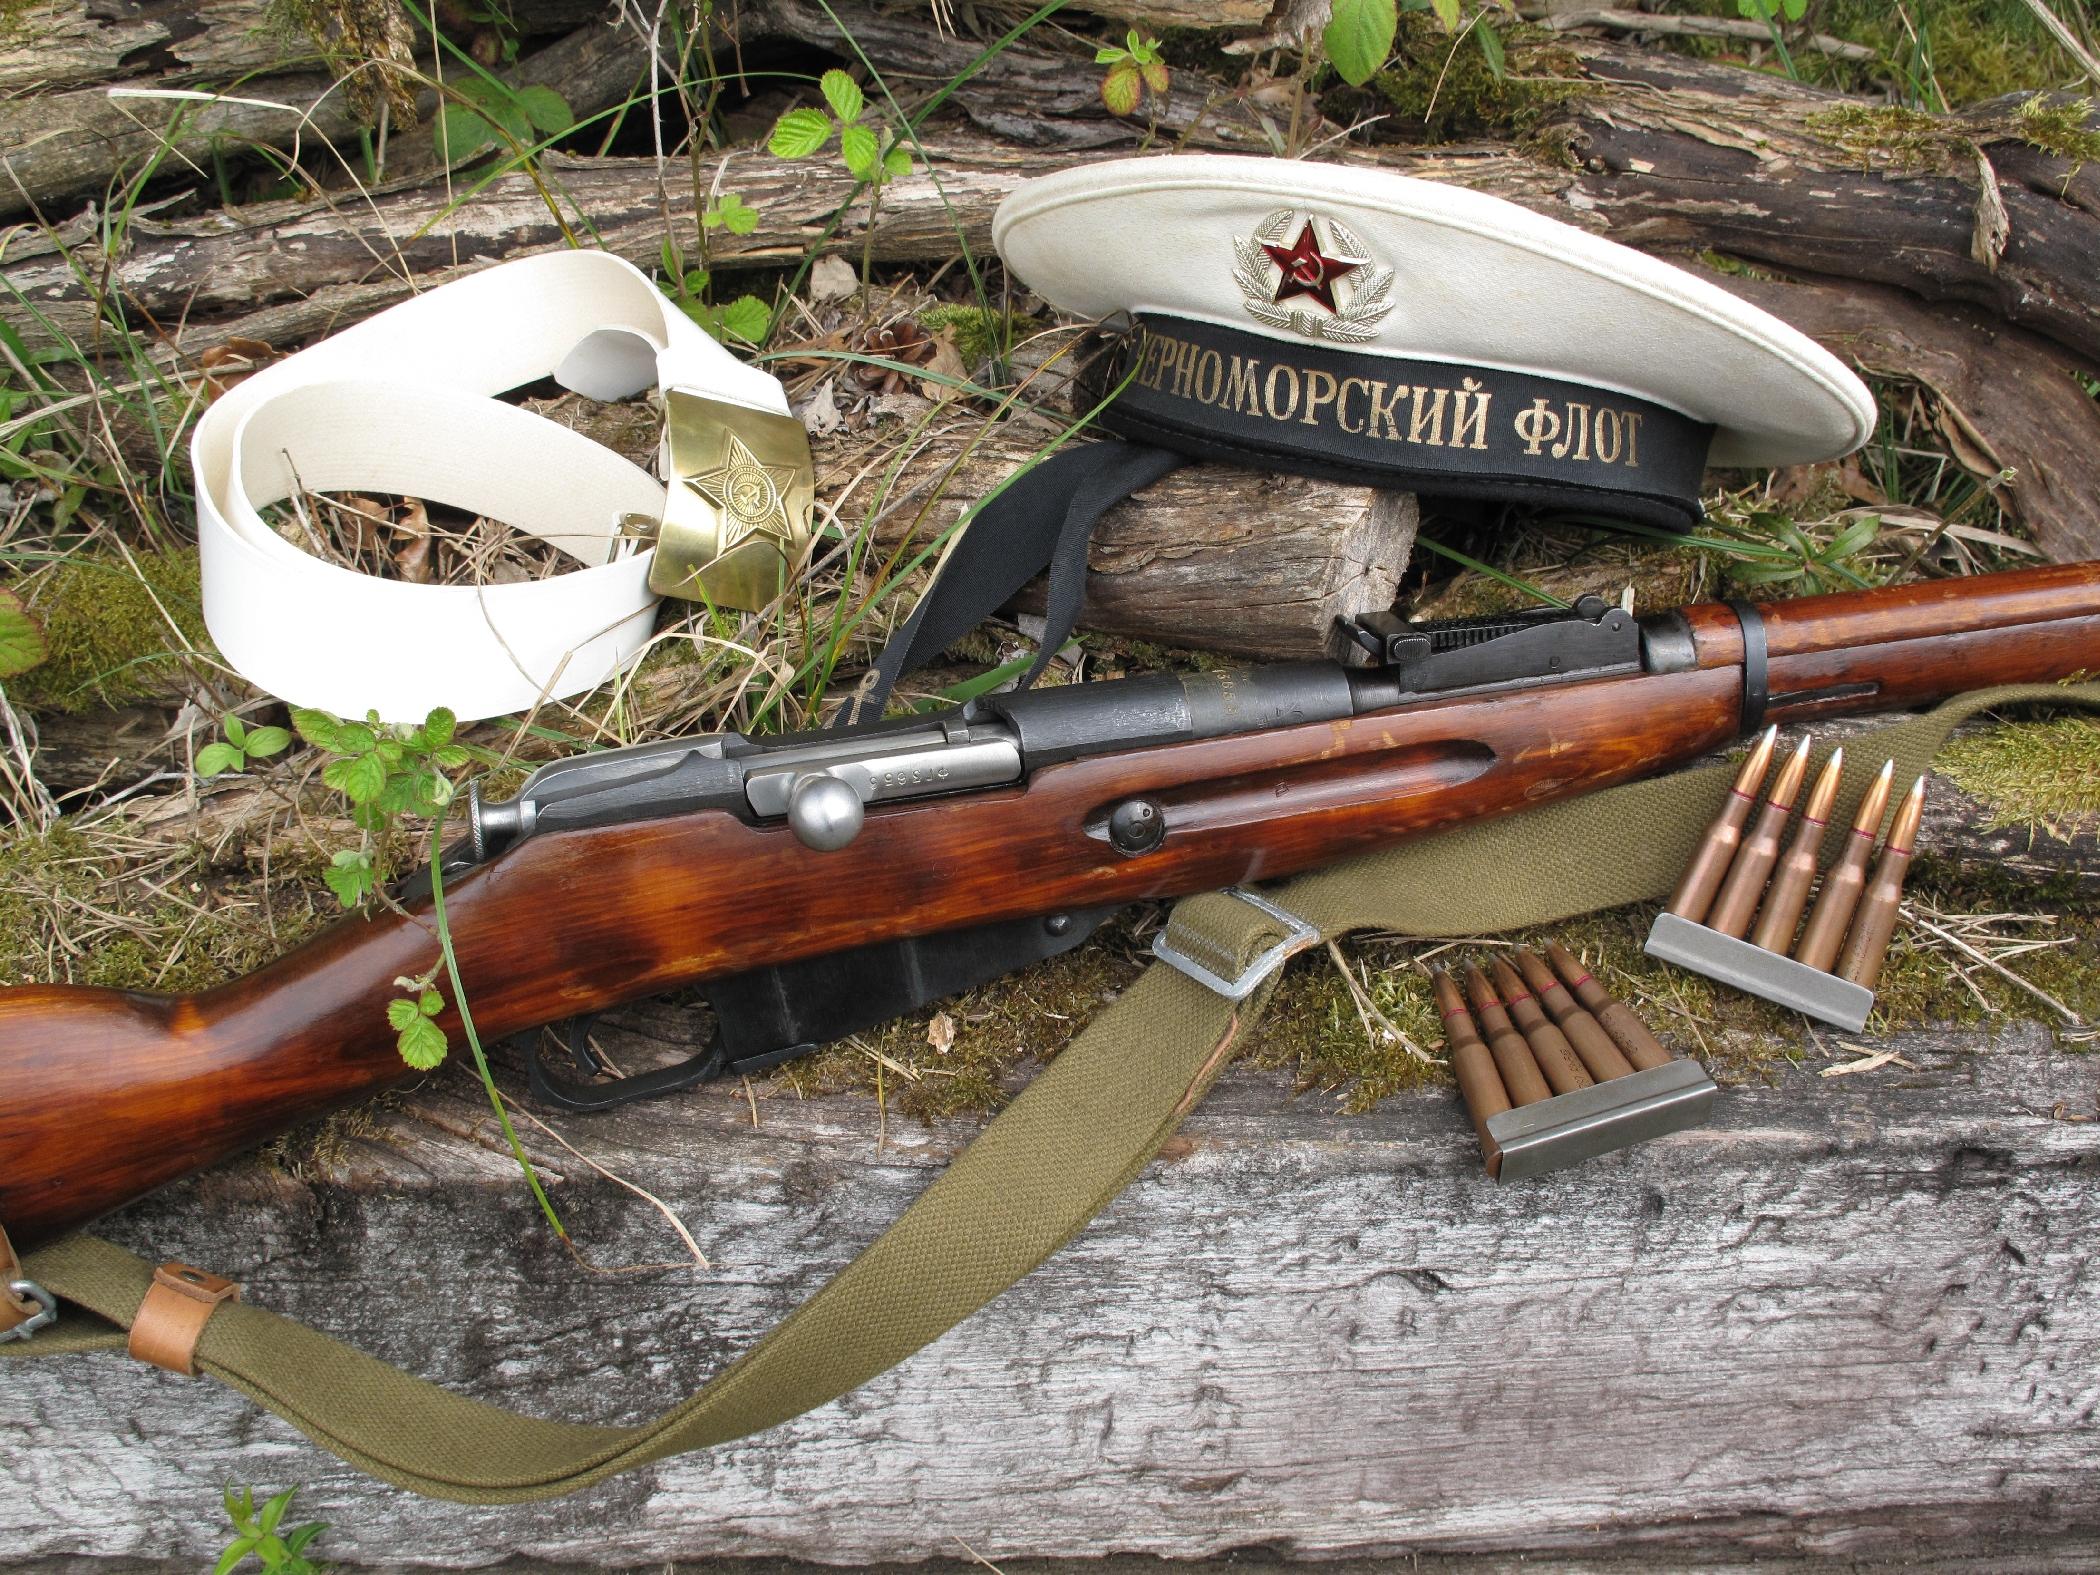 Le Mosin-Nagant modèle 1891/30 de notre test est équipé ici de sa bretelle en toile et cuir. Il est accompagné par deux clips de cinq cartouches de calibre 7,62 x 54 R provenant des surplus militaires soviétiques, un bachi et un ceinturon de la marine soviétique.